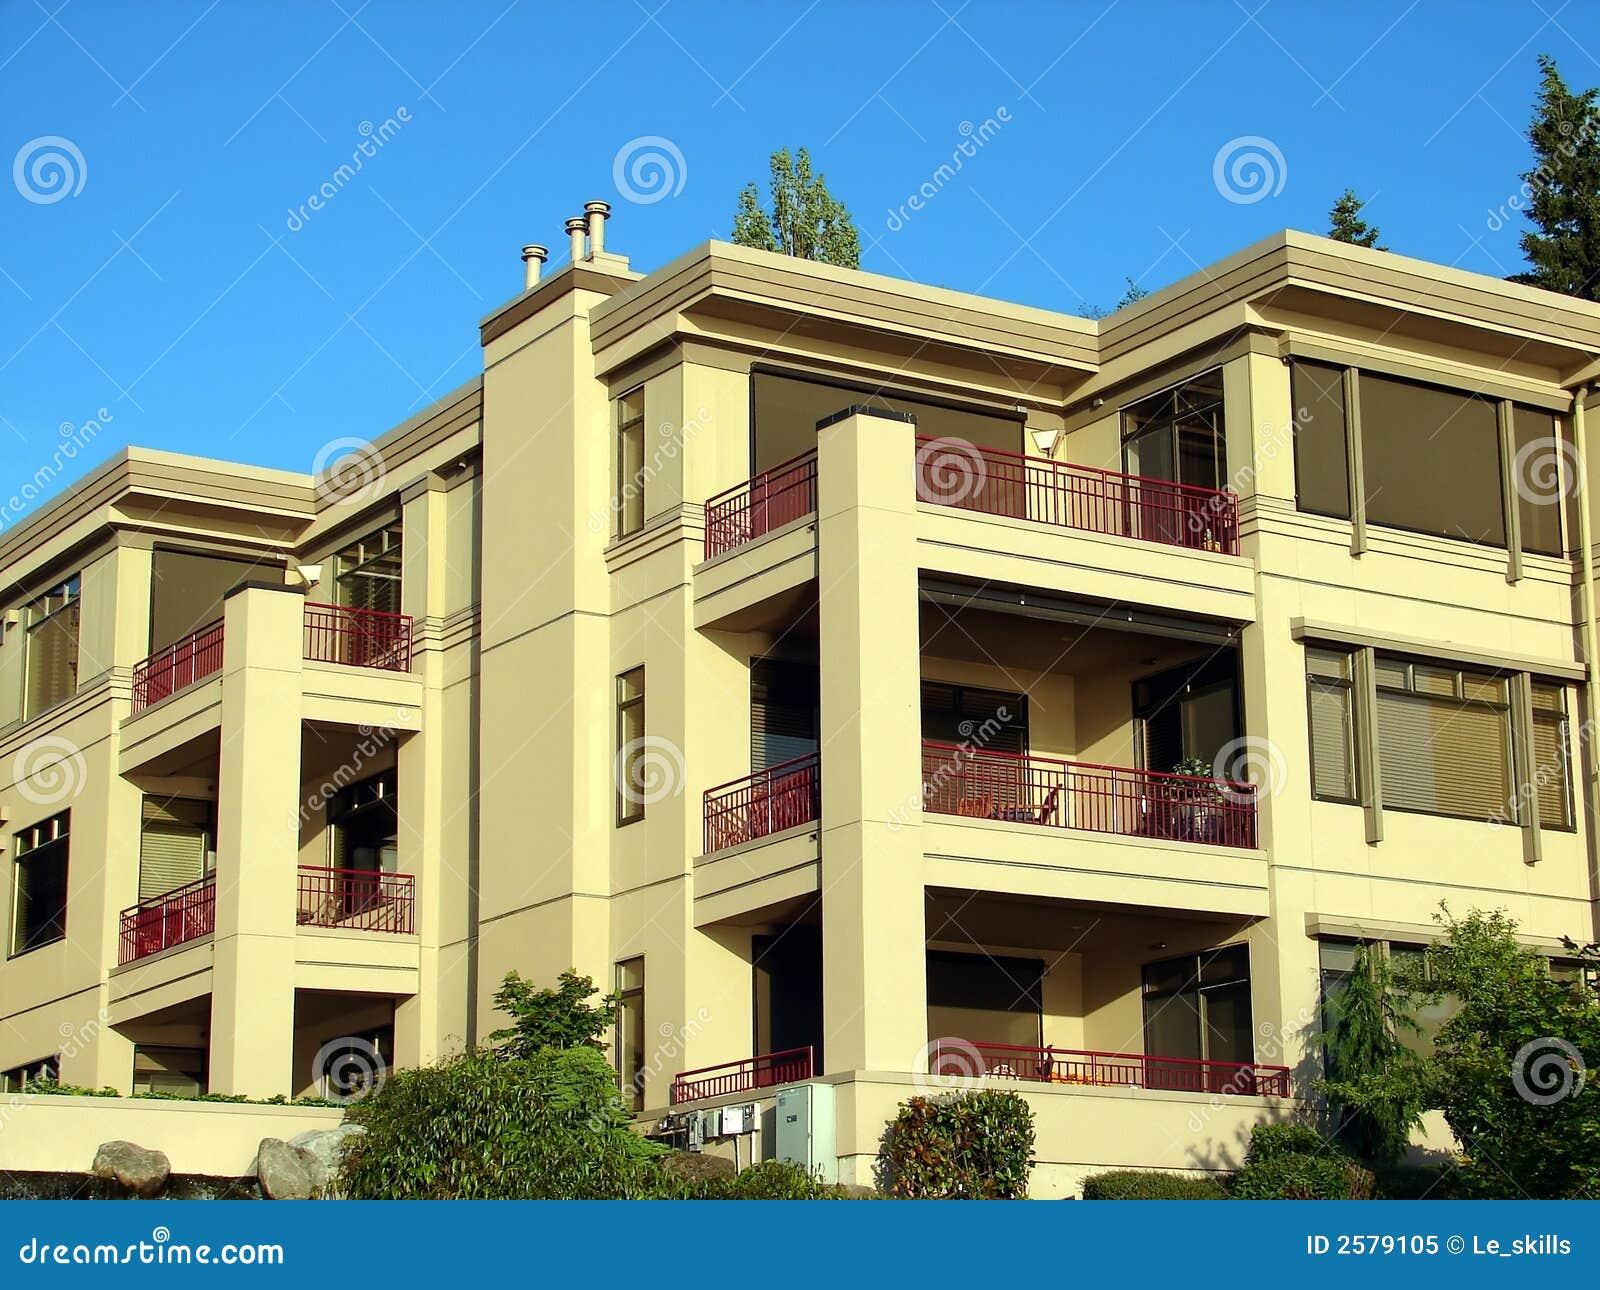 condominium apartment complex royalty free stock photo